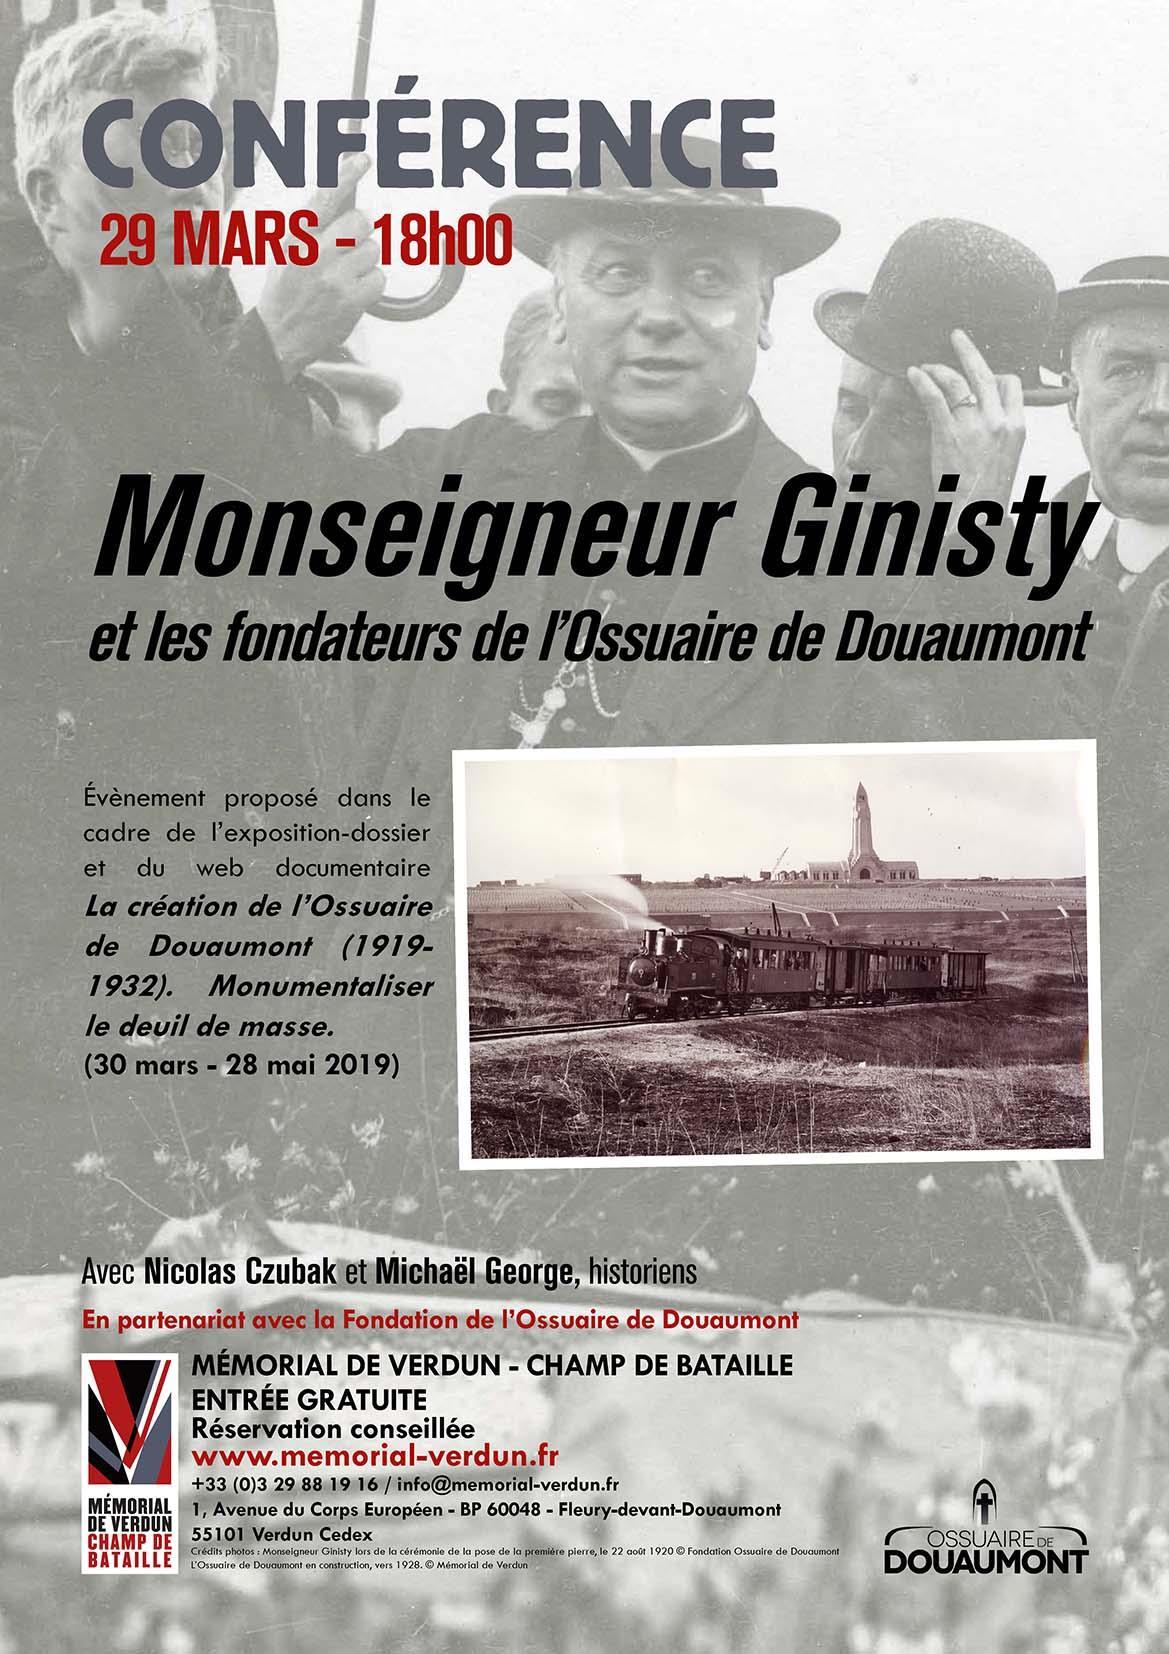 CONFÉRENCE  MONSEIGNEUR GINISTY ET LES FONDATEURS DE L'OSSUAIRE DE DOUAUMONT